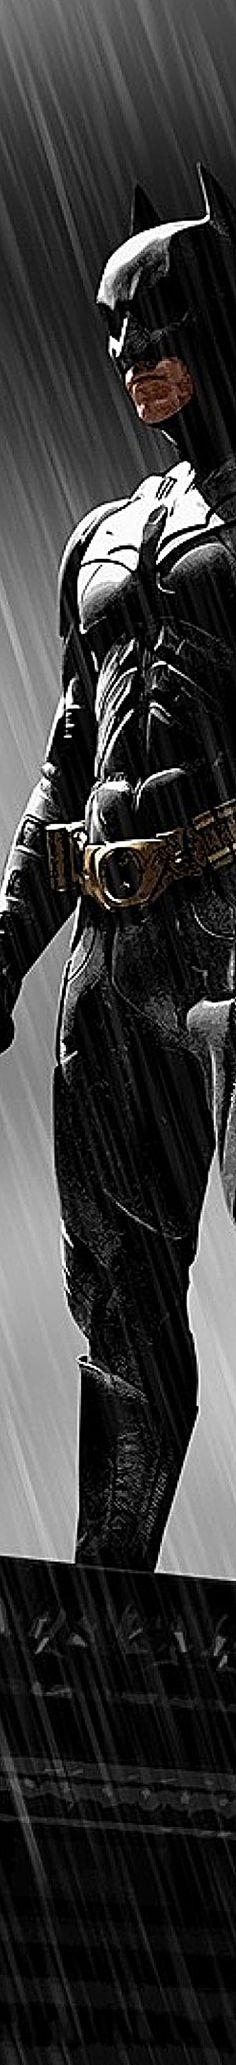 Dark Knight - Batman